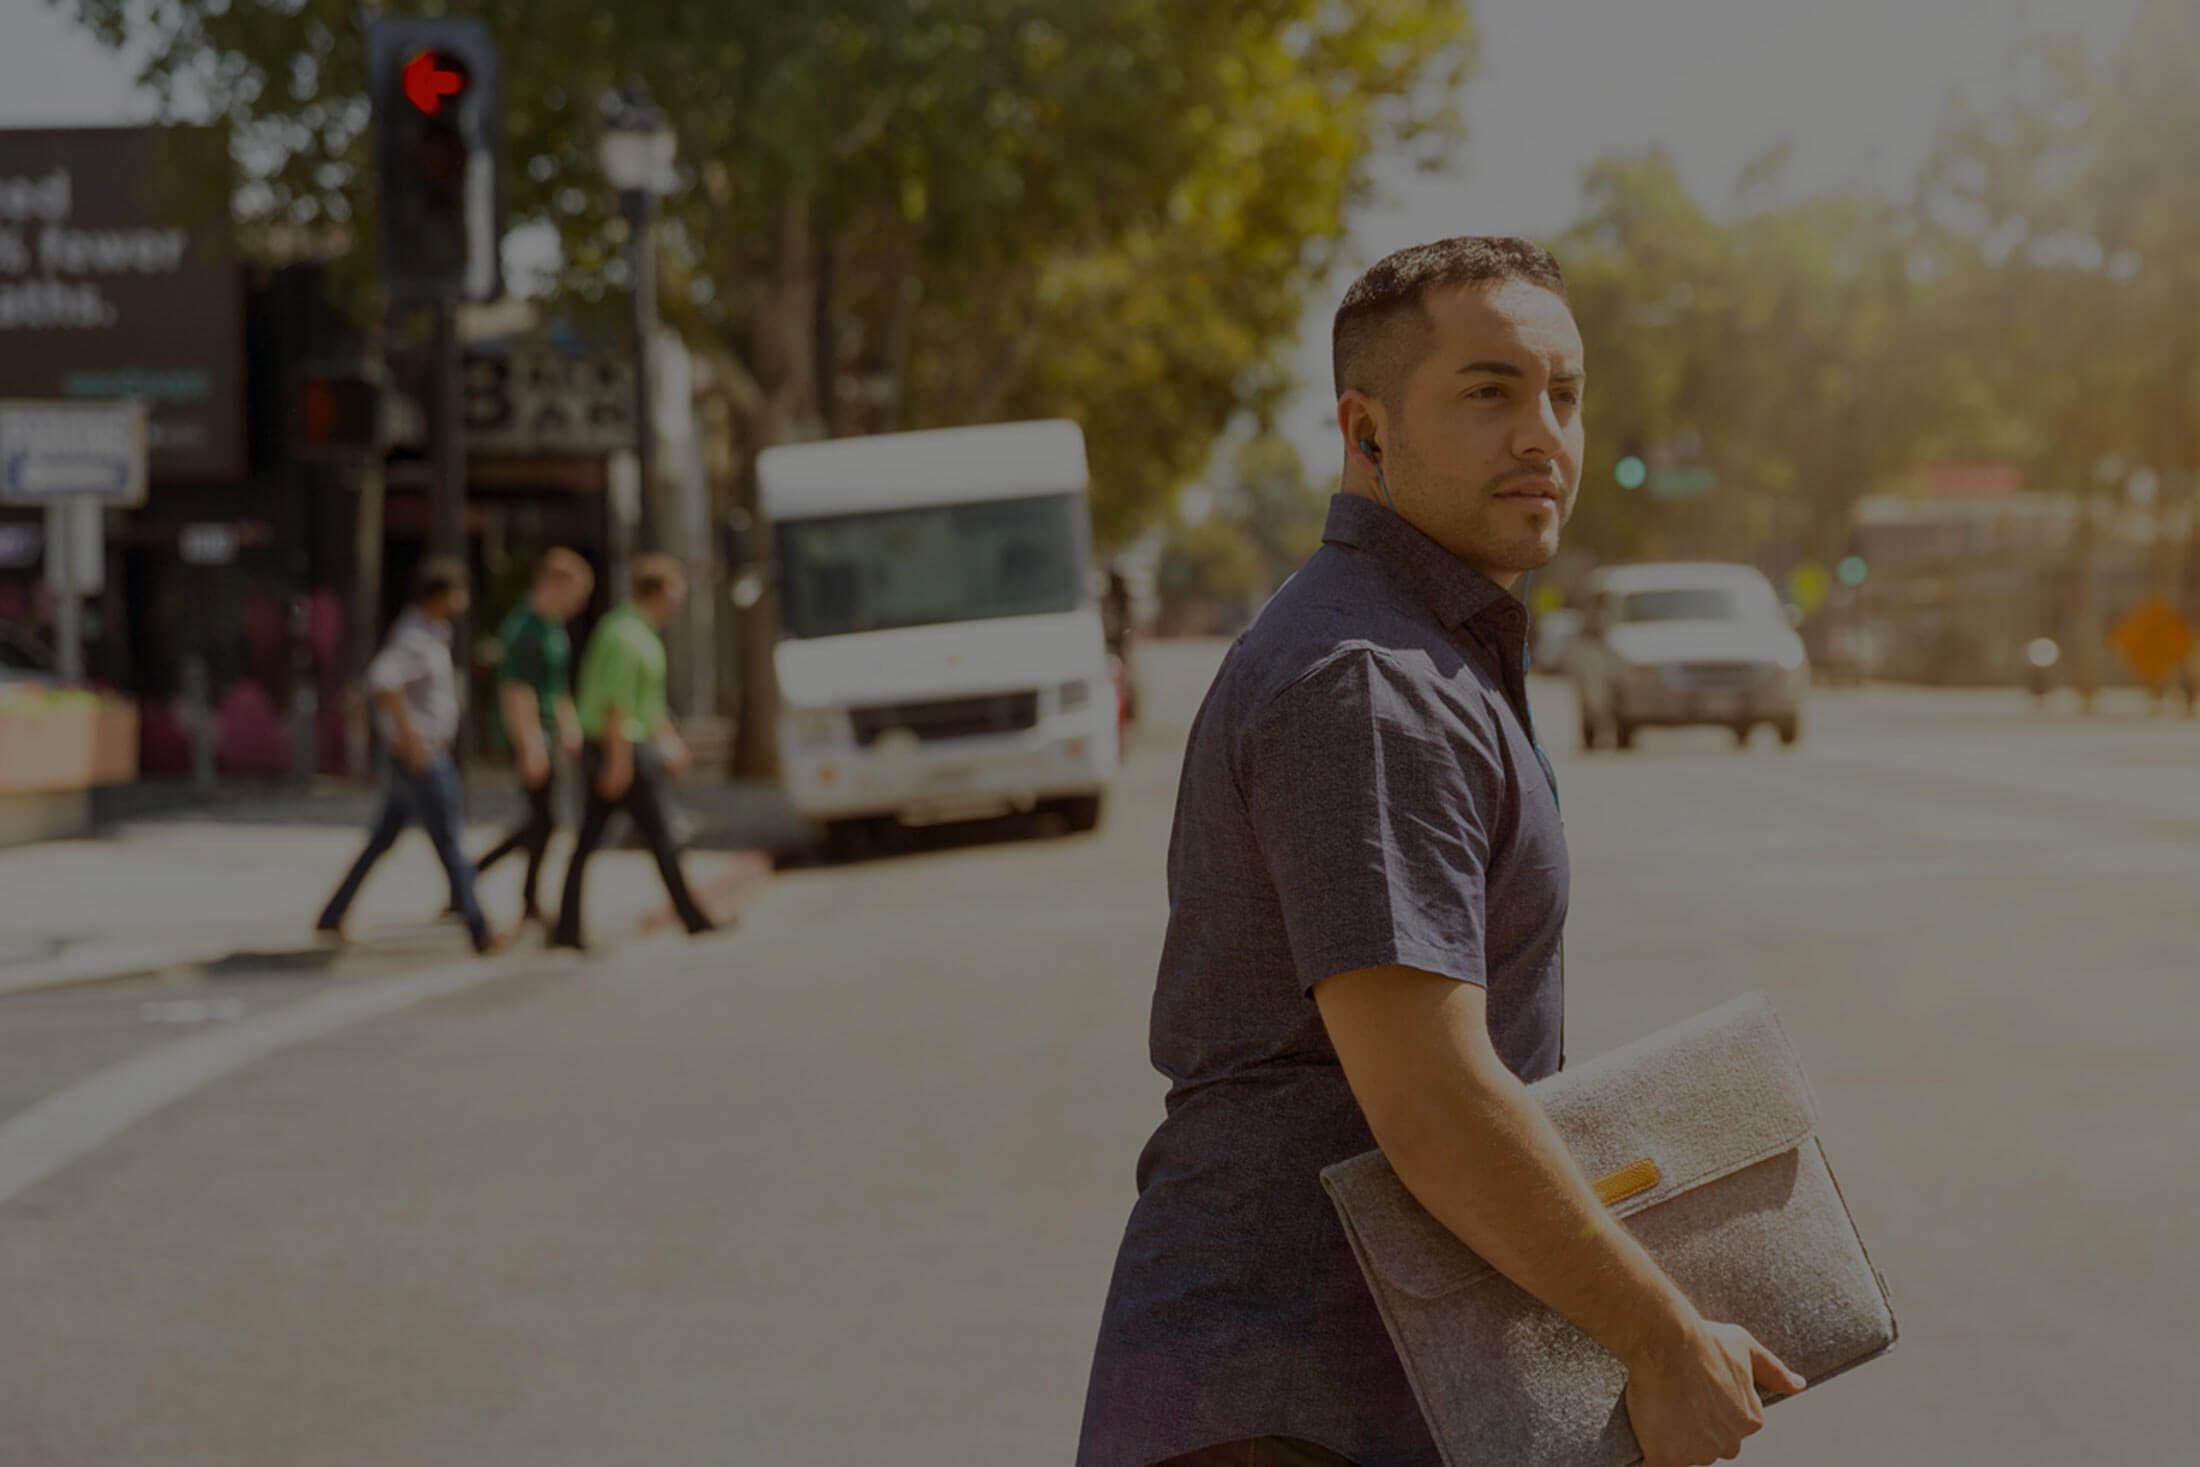 Pole emploi - offre emploi Chargé de clientèle (H/F) - Paris